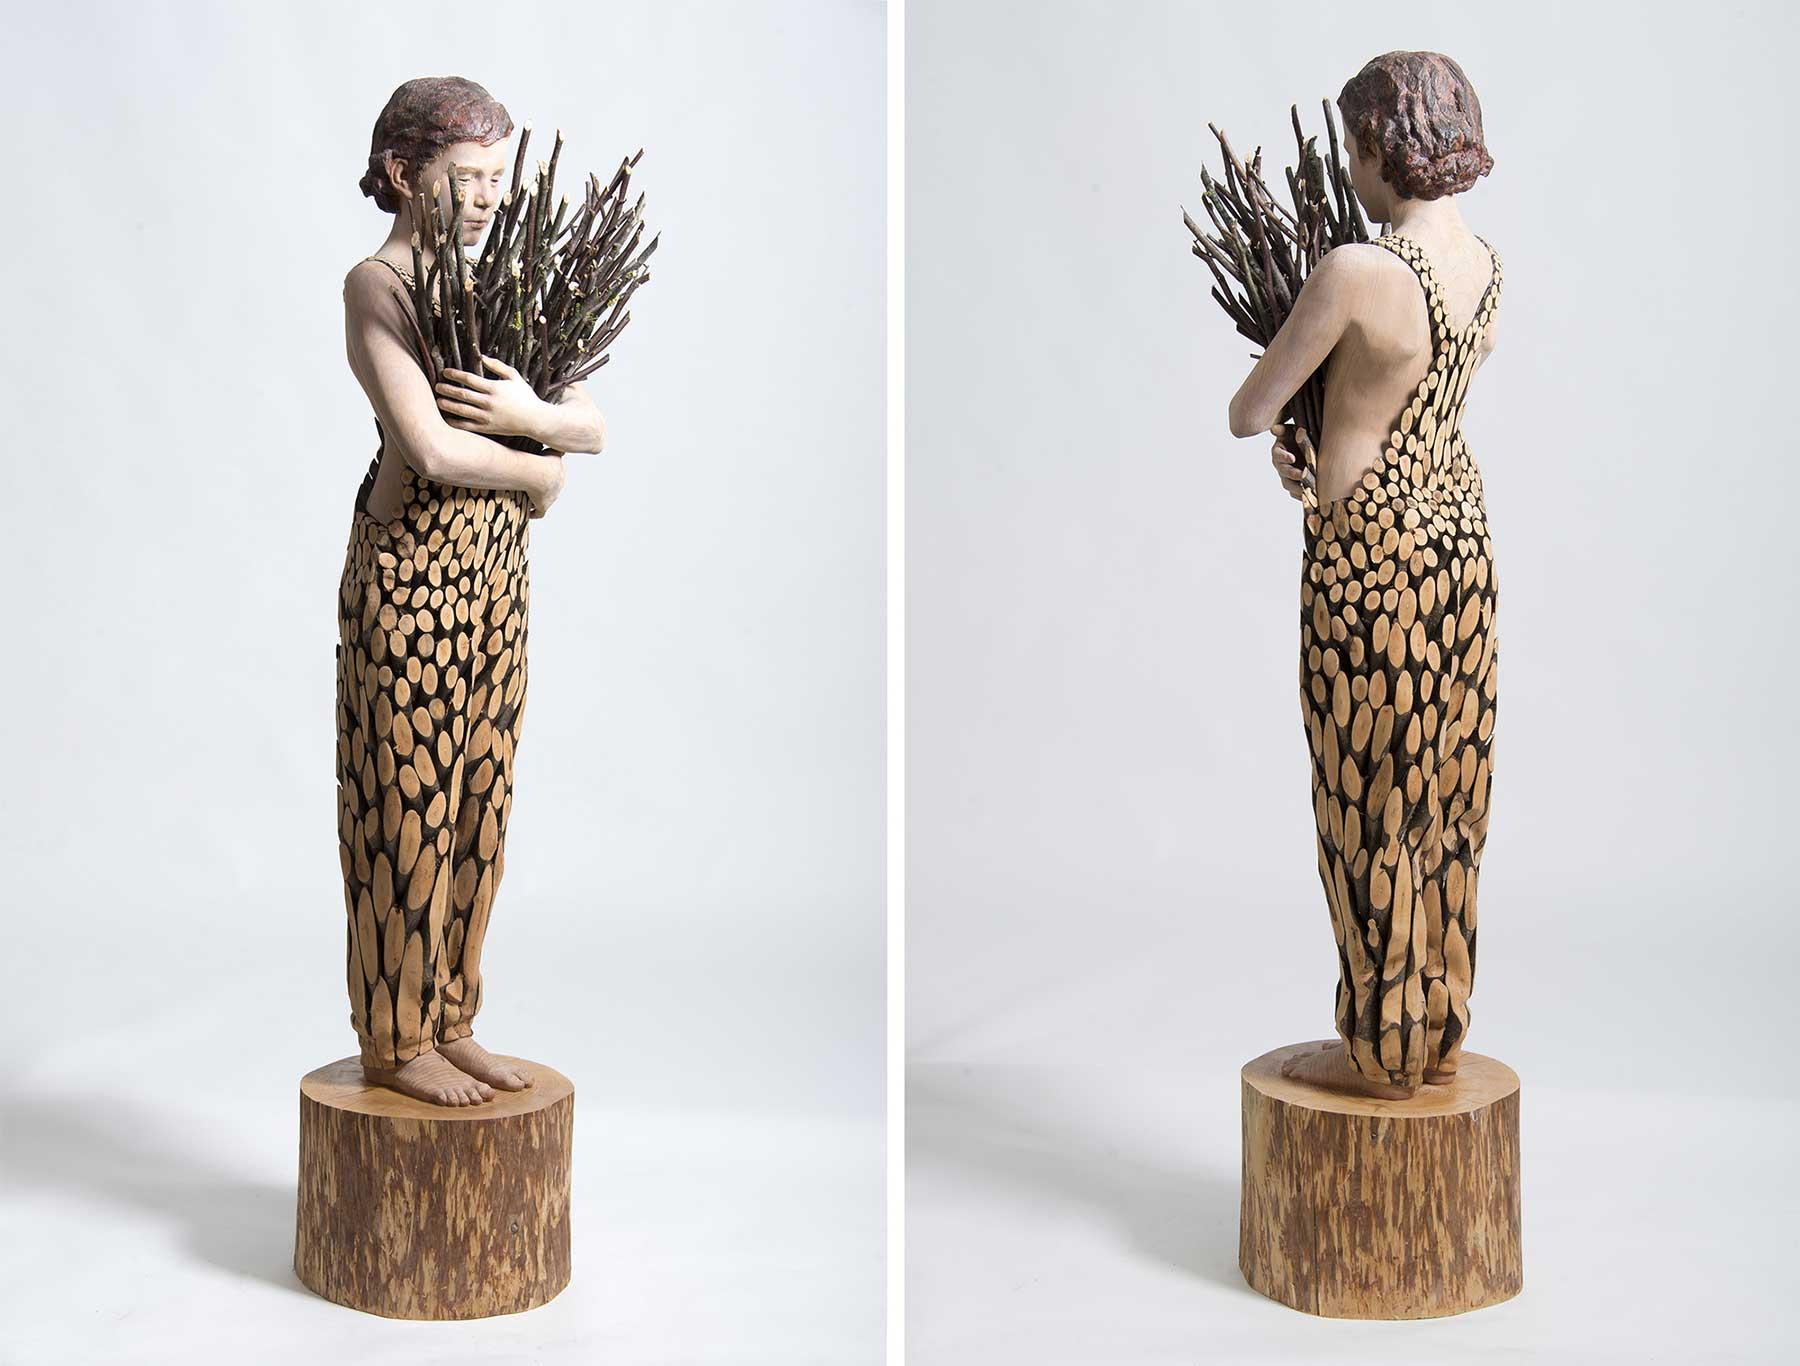 Verspielte Holz-Skulpturen von Efraïm Rodríguez Efraim-Rodriguez-skulpturen_03